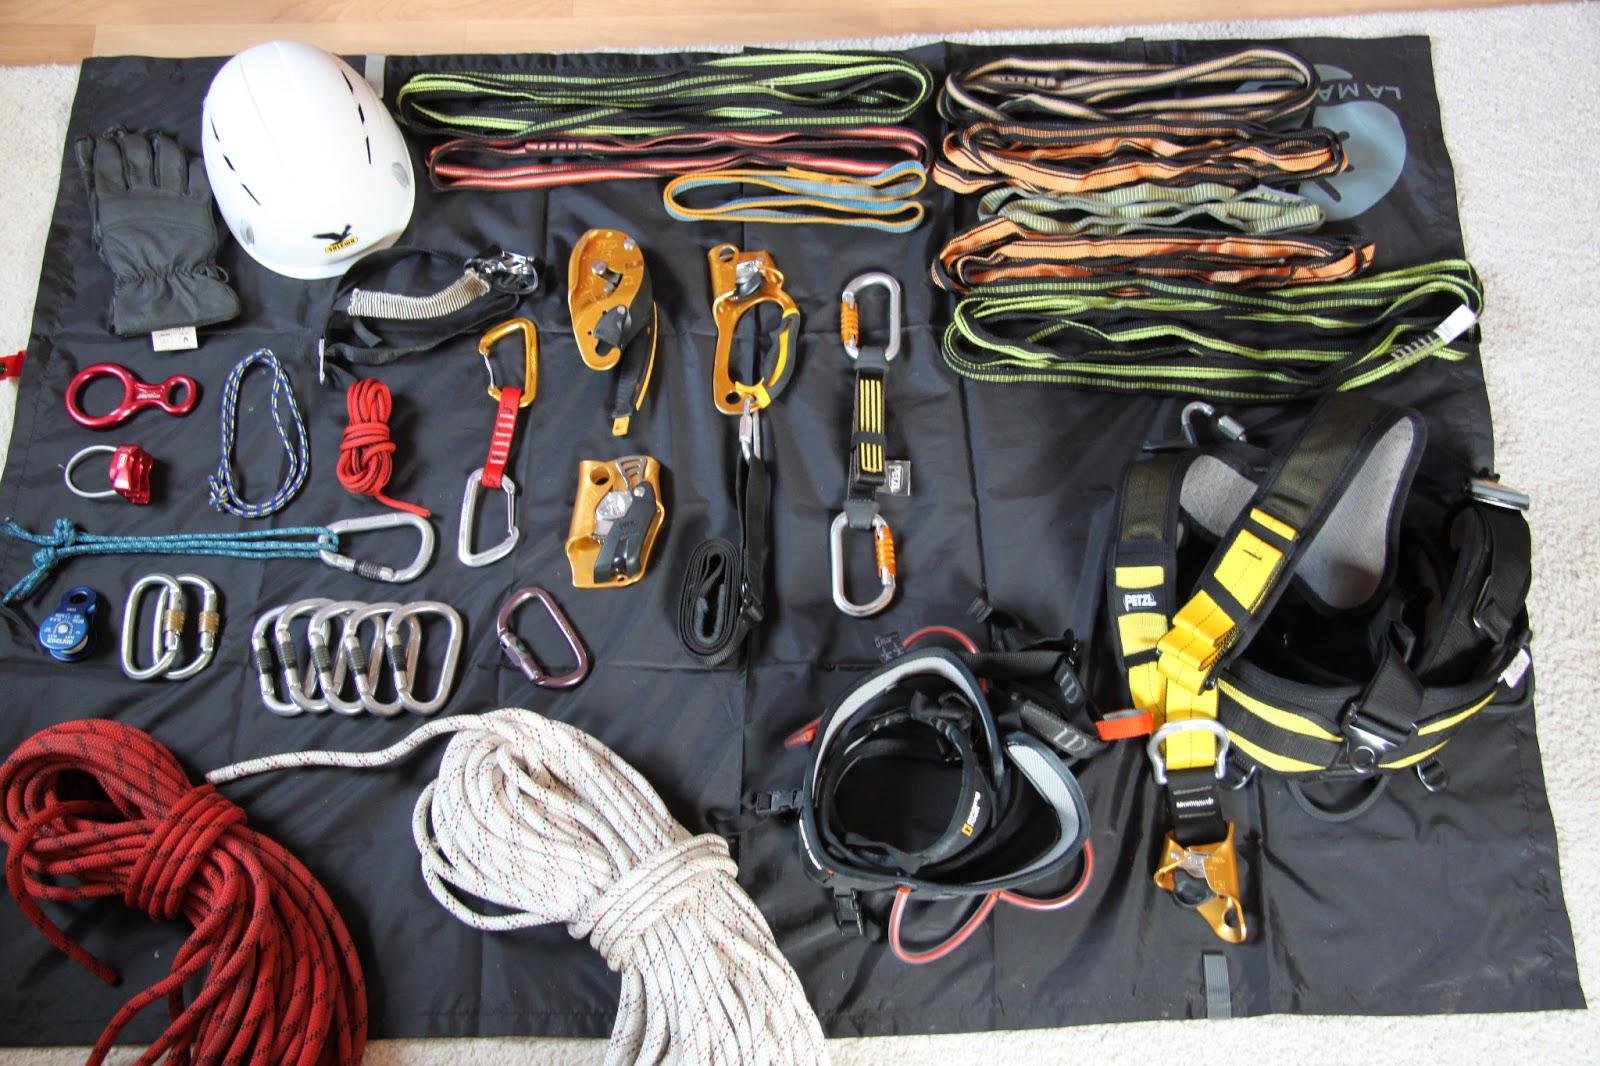 Kletterausrüstung Sicherung : Hidepep: geocaching ausrüstung